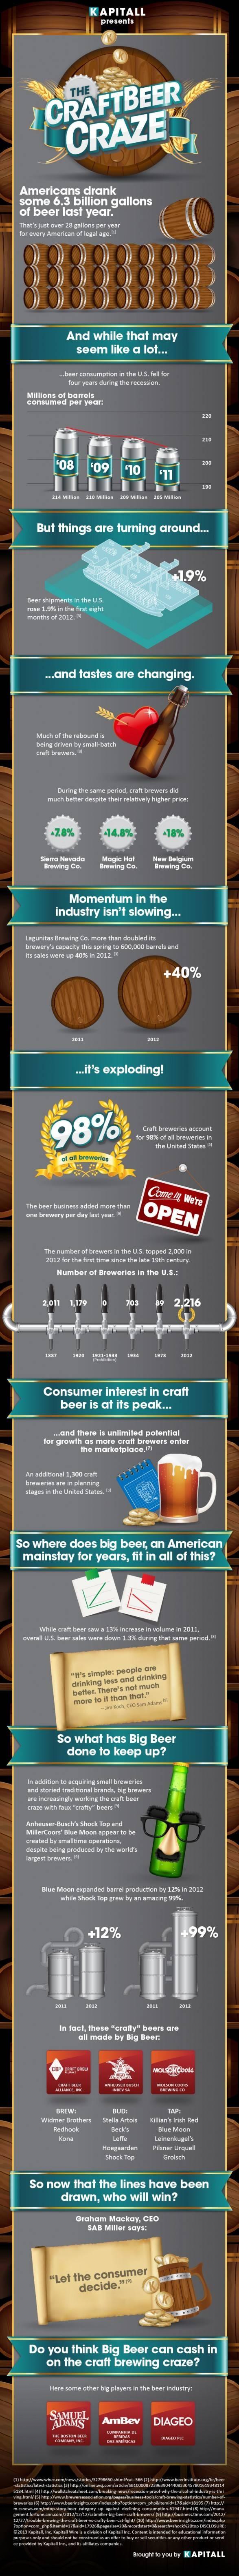 The craft beer craze!